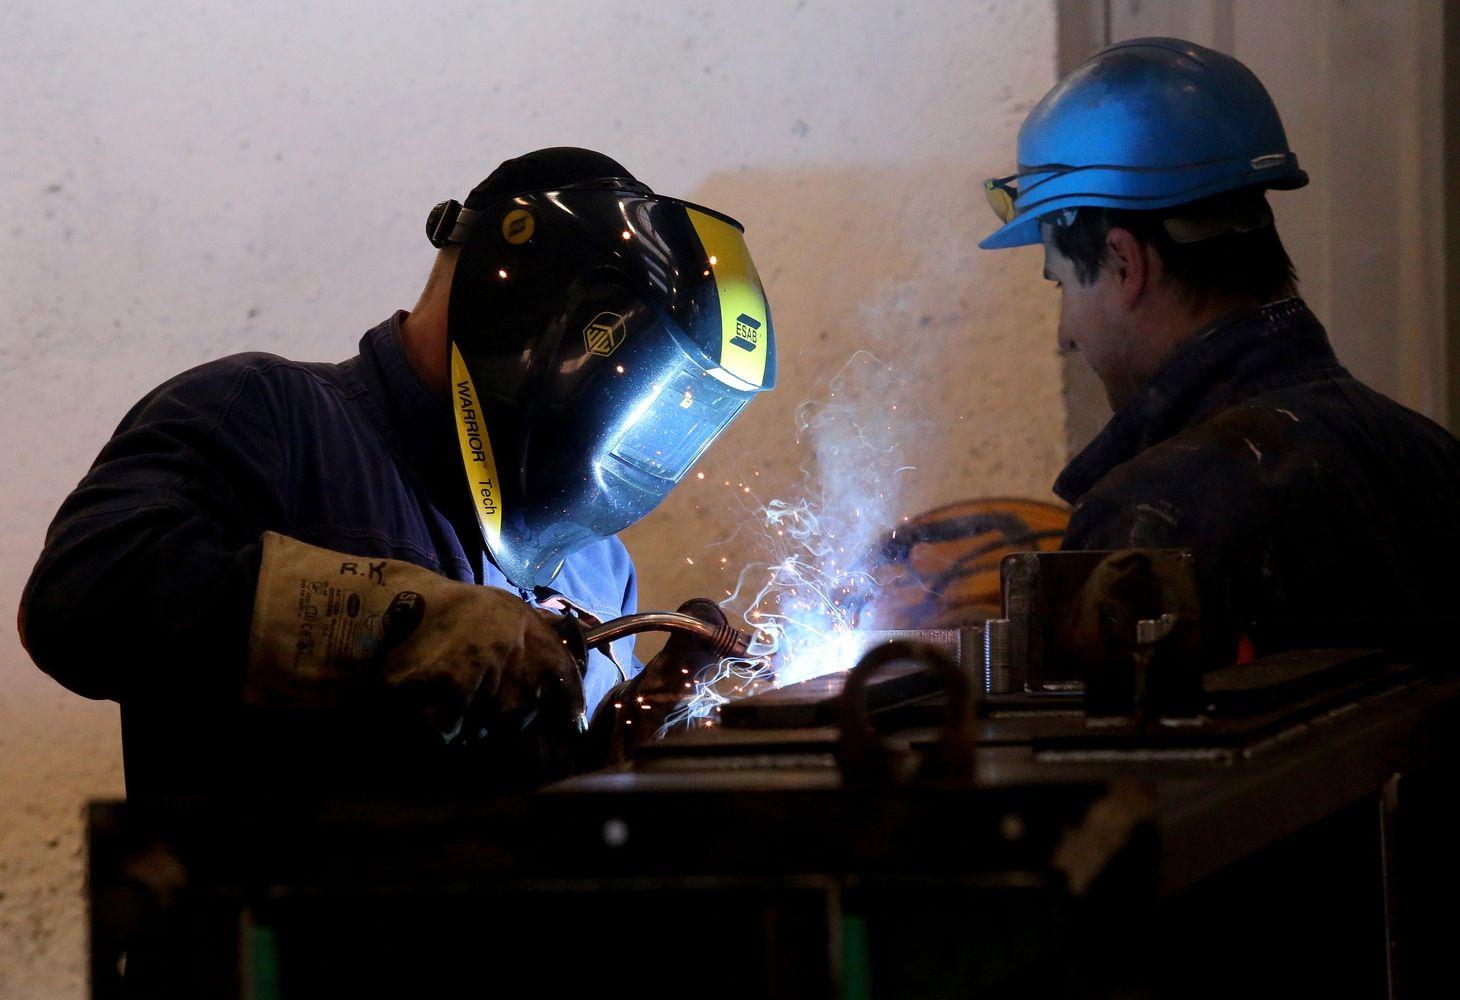 Per metus laisvų darbo vietų padaugėjo17,9%